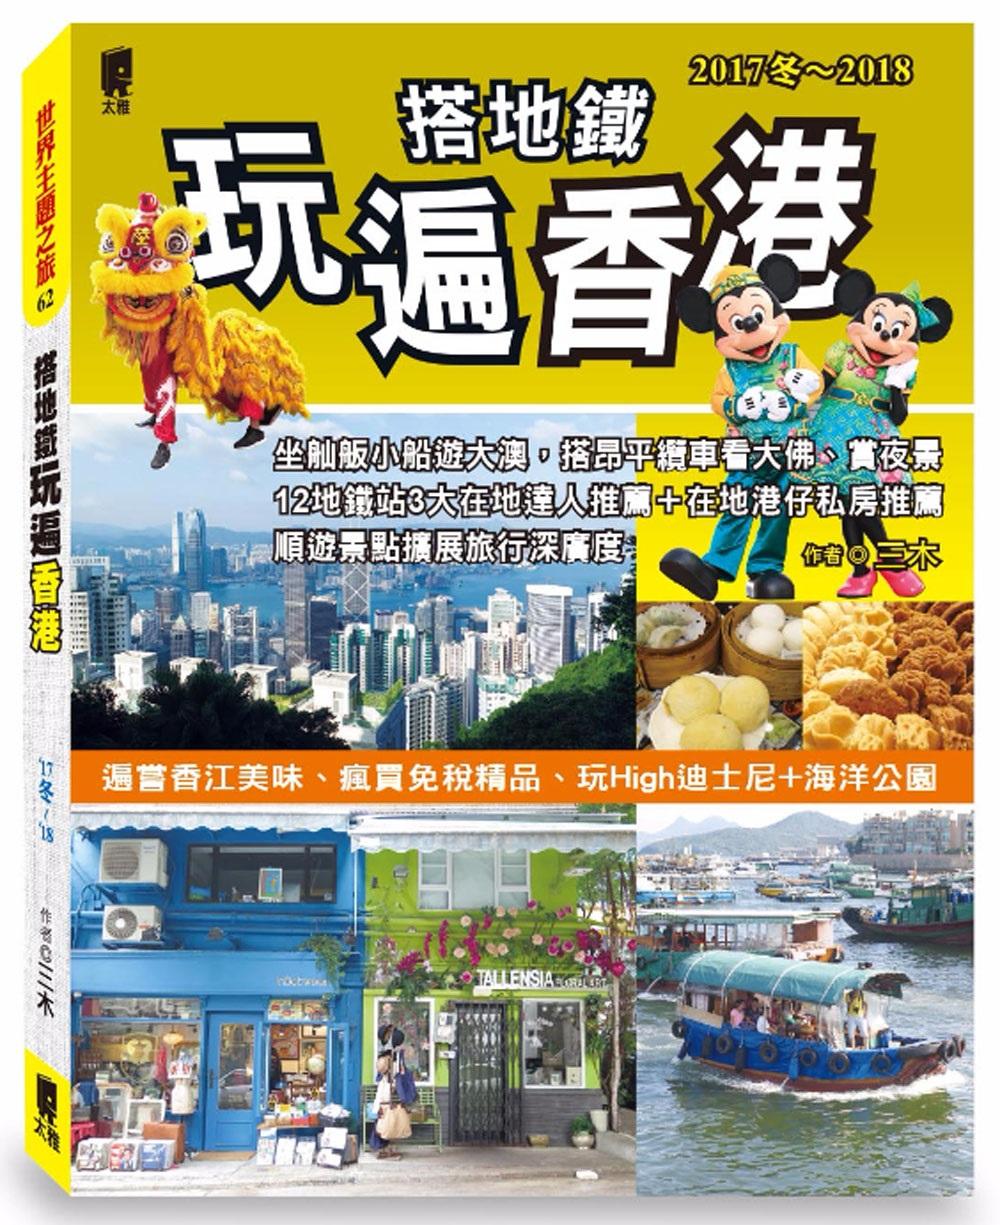 搭地鐵玩遍香港(2017'冬-2018)